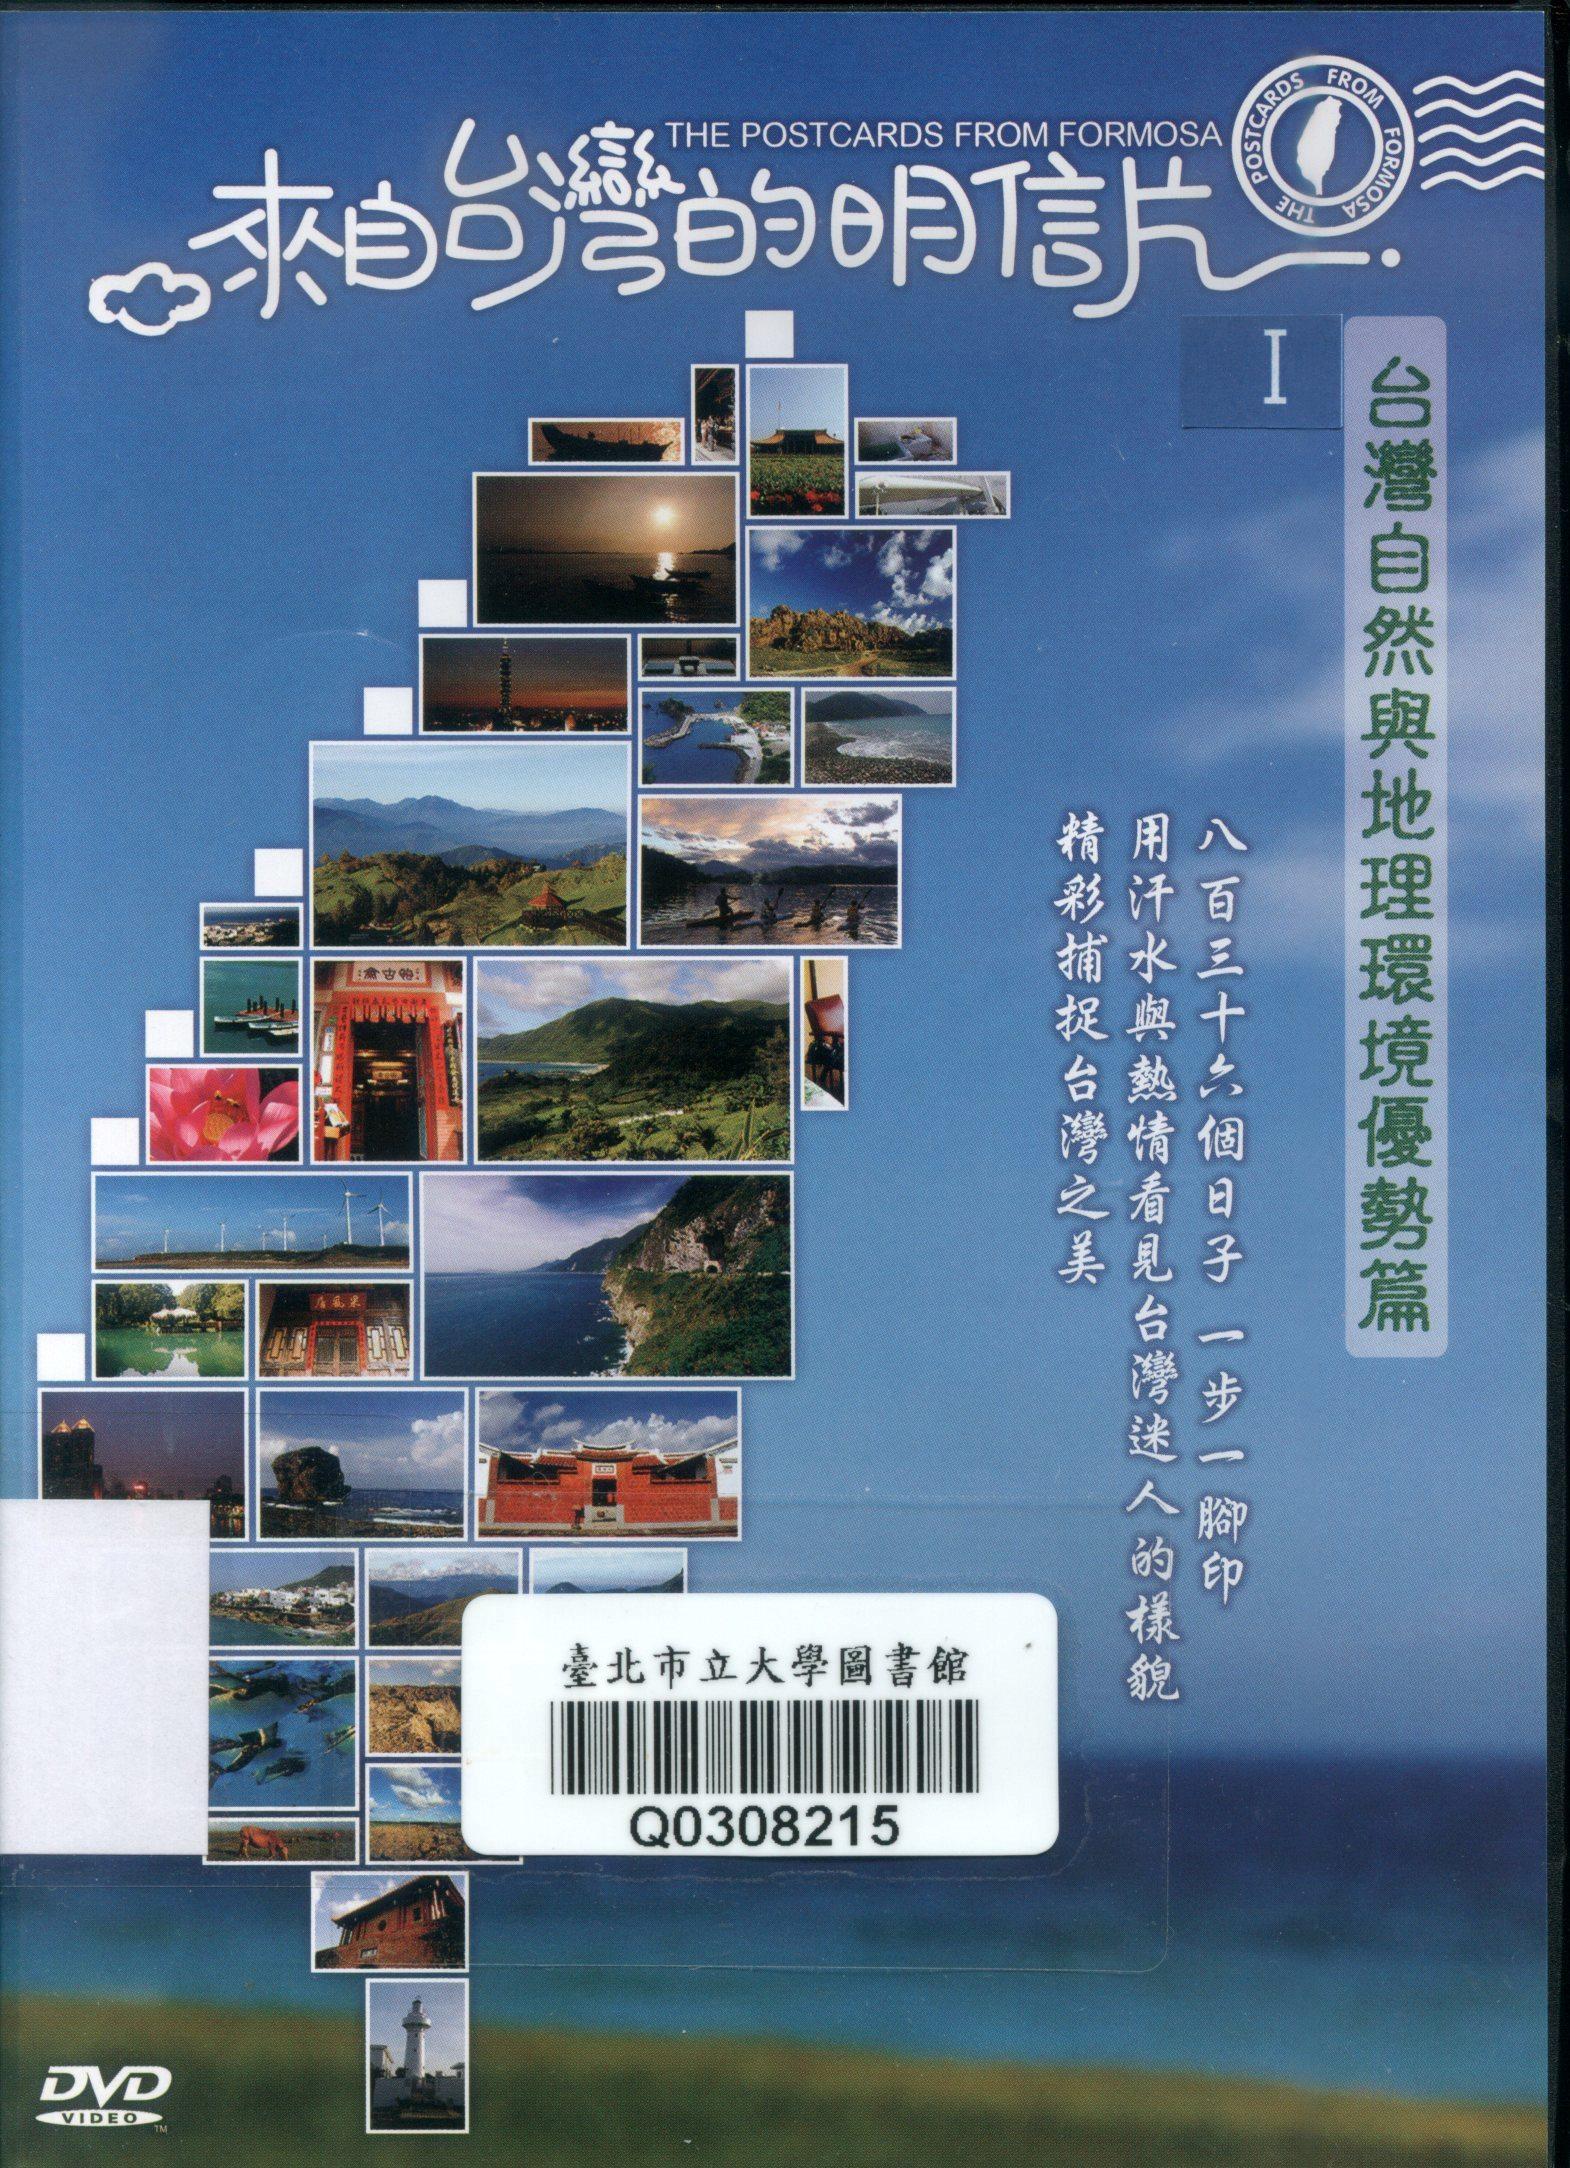 來自台灣的明信片I : 台灣特殊生態資源篇